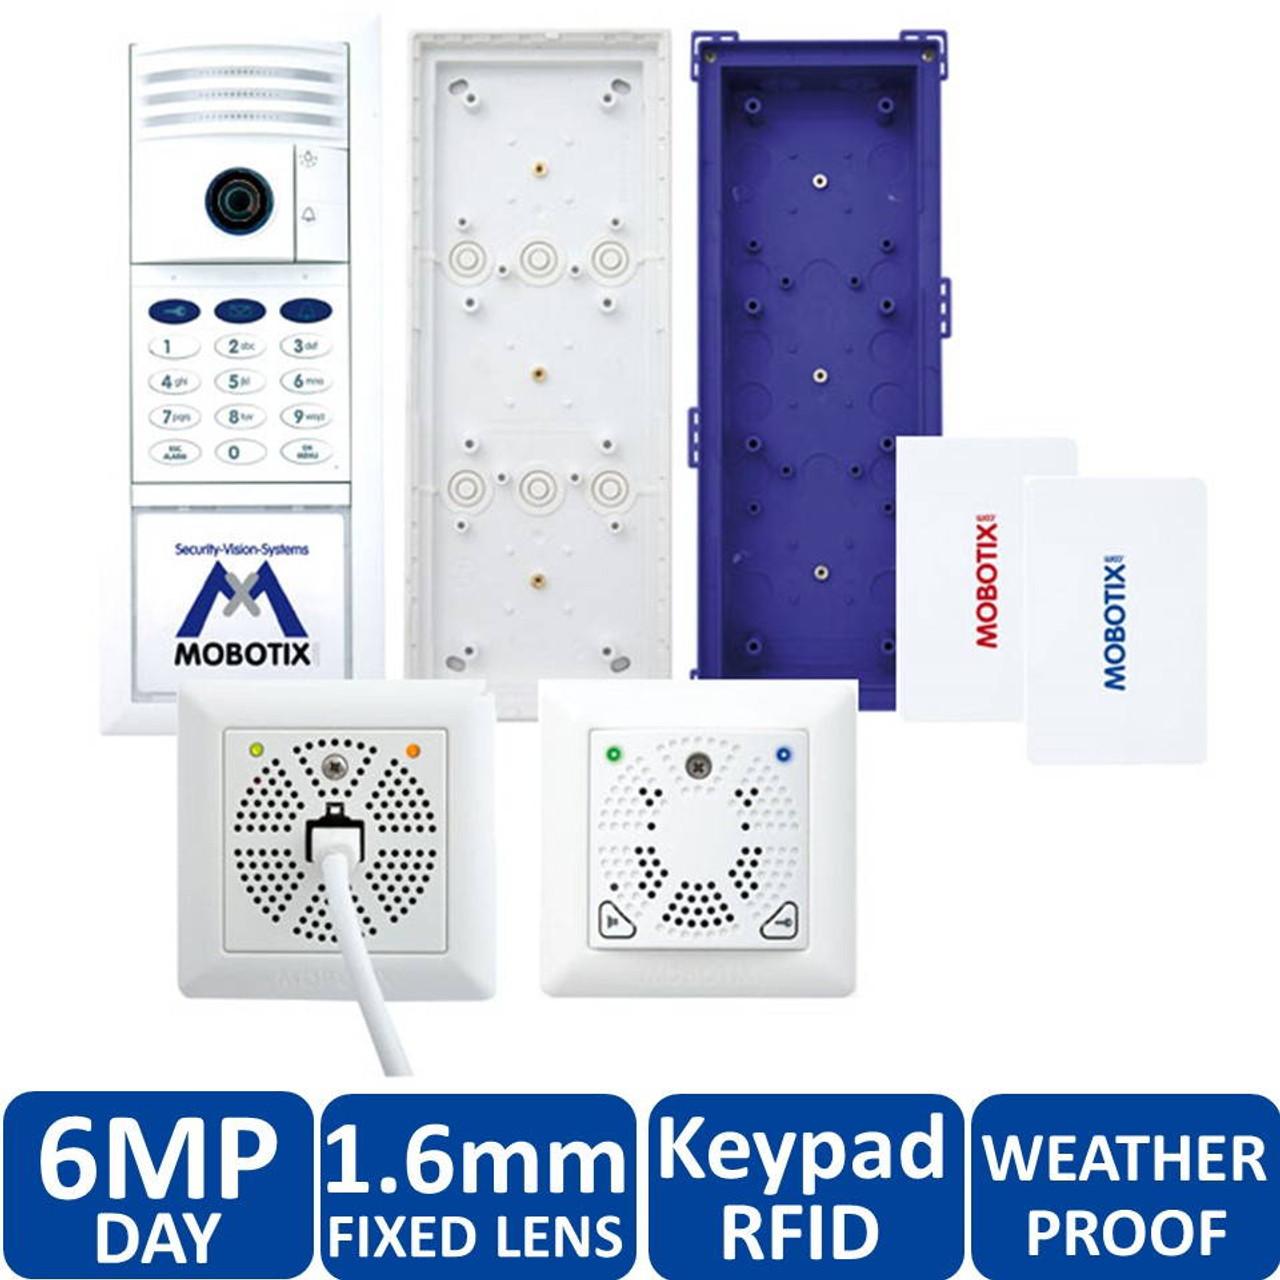 Mobotix MX-T25-SET2 6MP Indoor/Outdoor Complete Kit IP Video Door Station -  1 6mm Fixed Lens, Keypad RFID, Two-Wire, Keypad, DoorMaster, Weatherproof